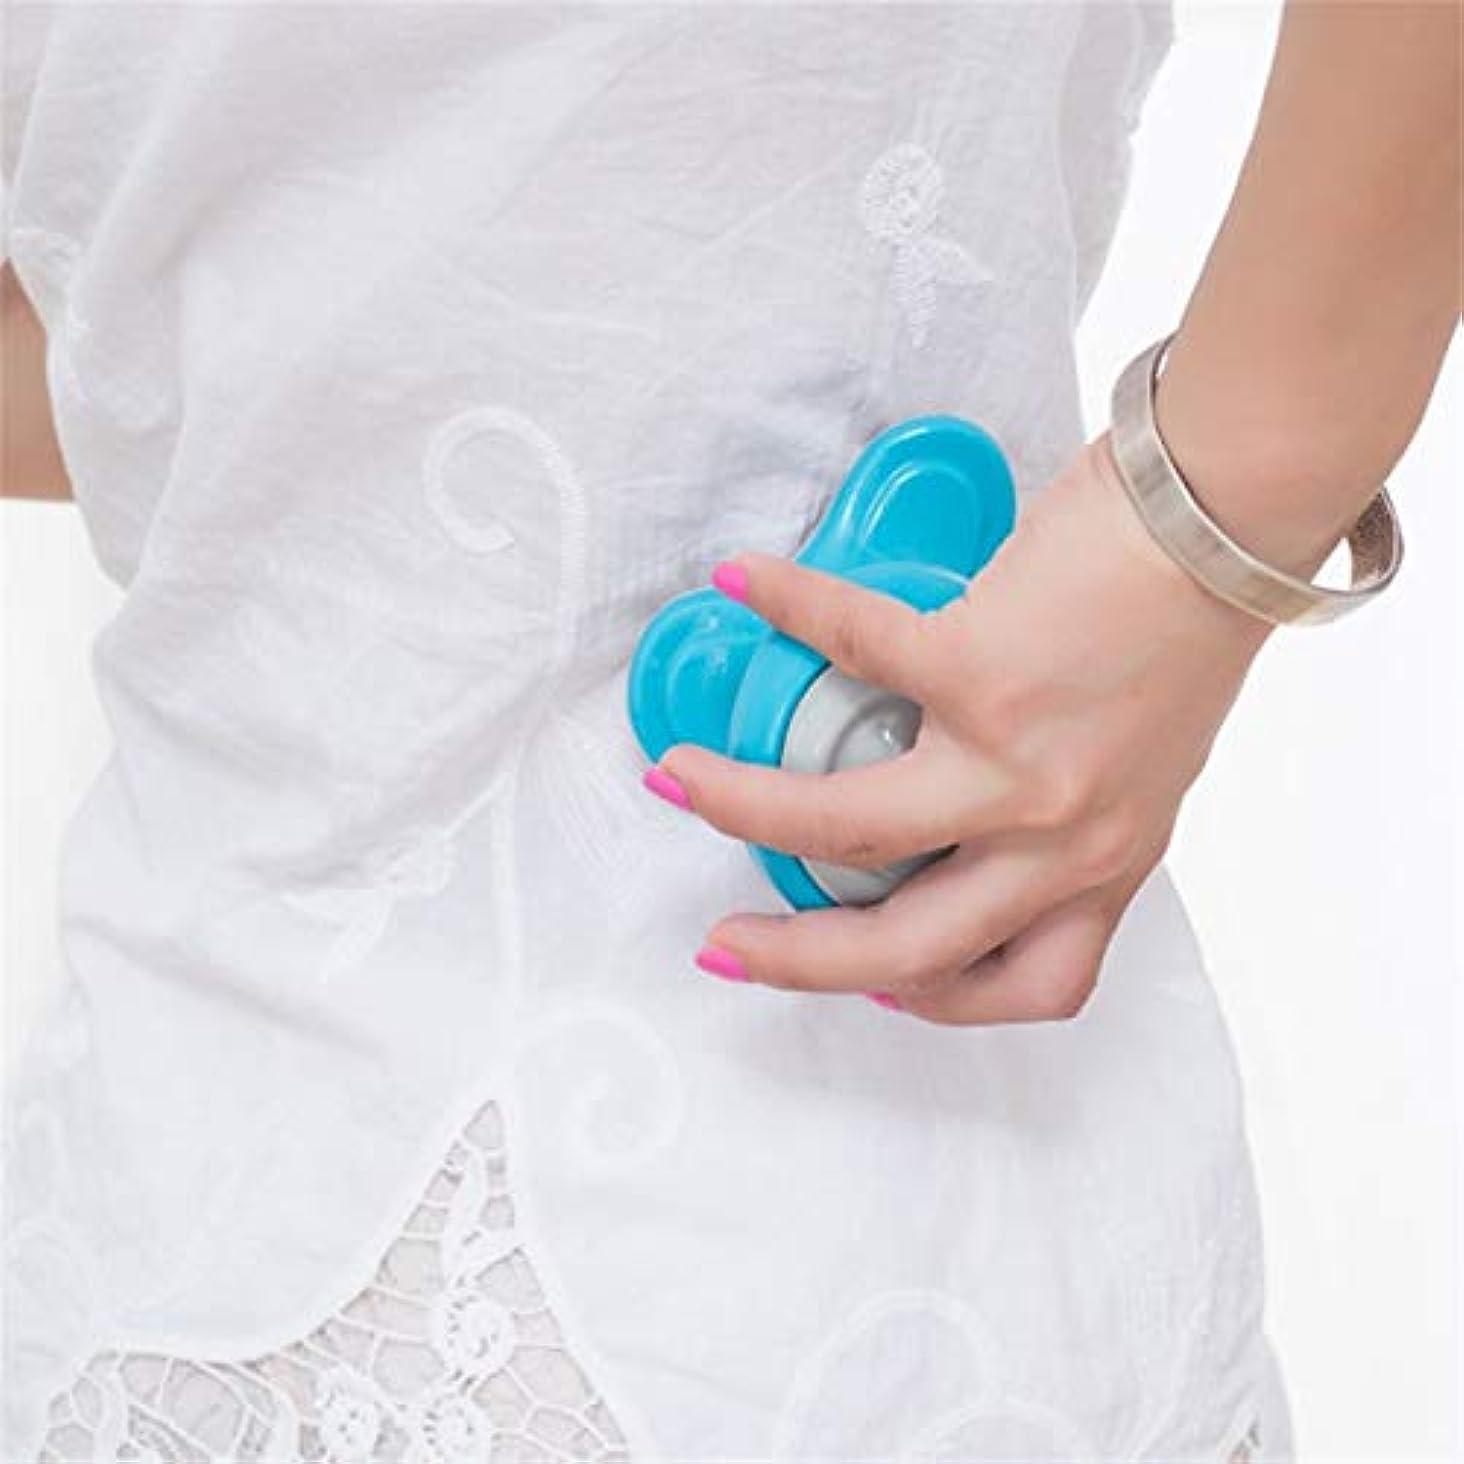 用語集倒産カーテンMini Electric Handled Wave Vibrating Massager USB Battery Full Body Massage Ultra-compact Lightweight Convenient...